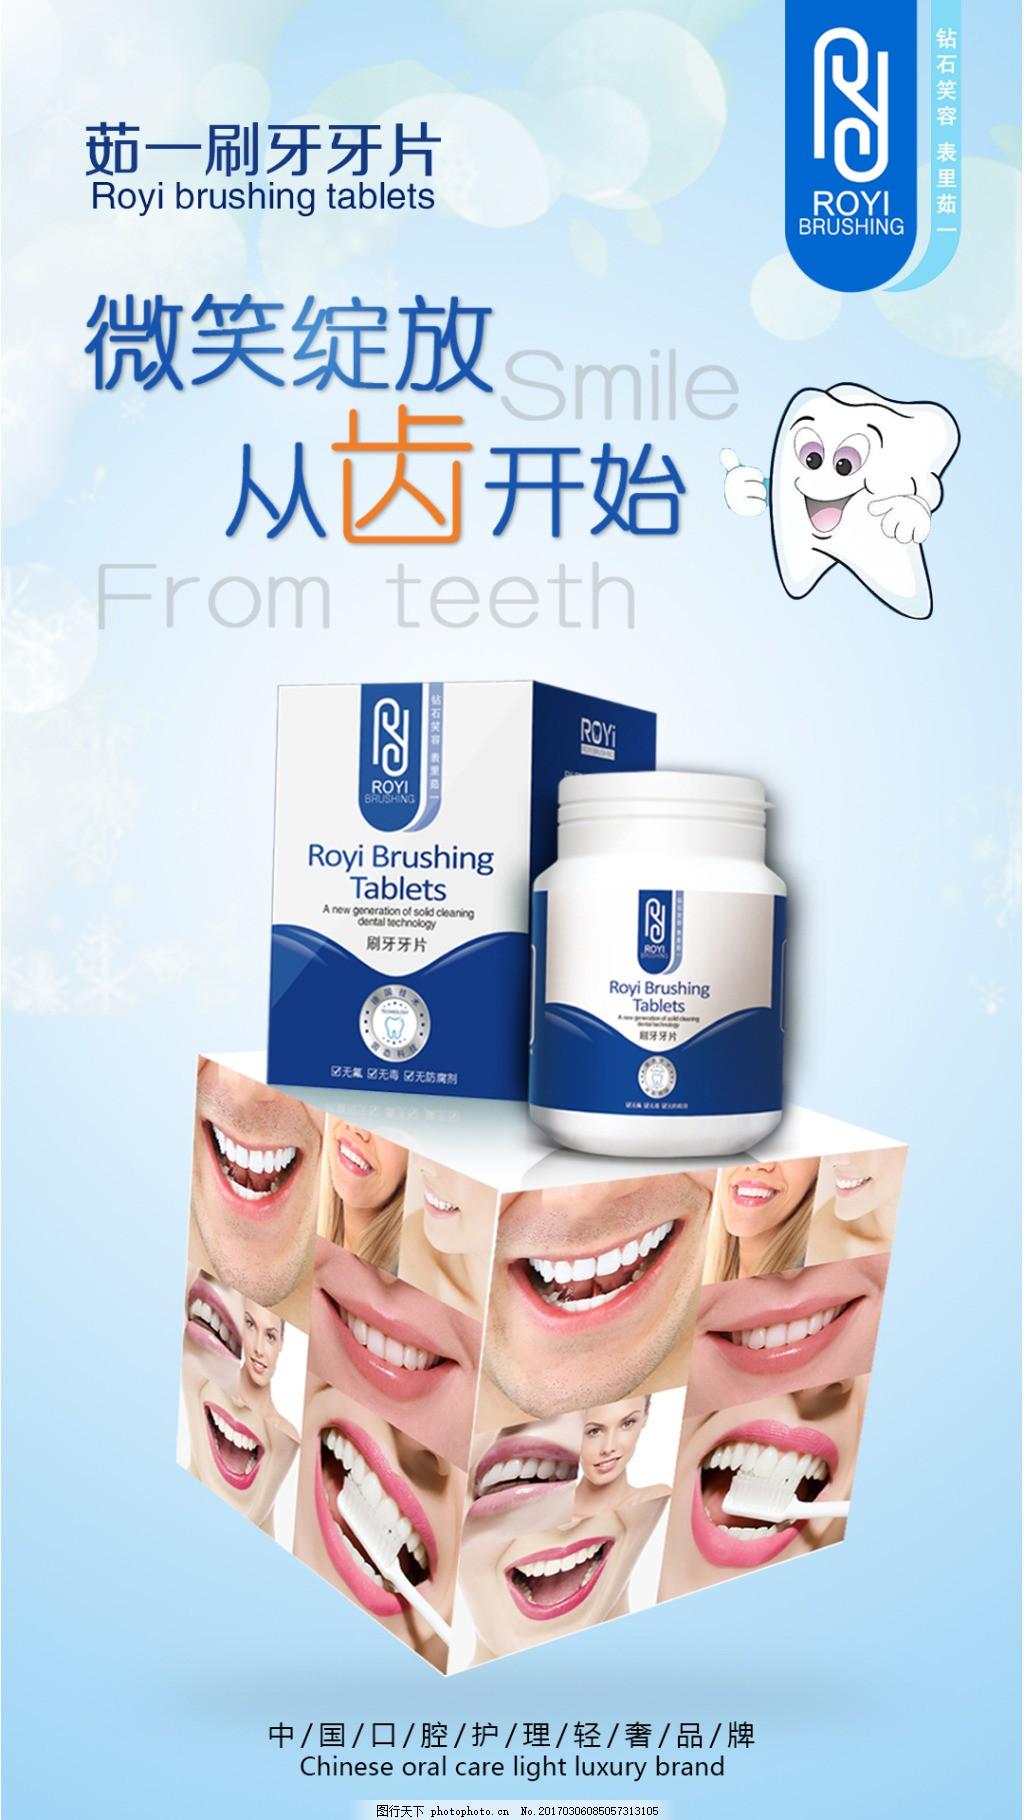 茹.���nz#.{S�;��#��_茹一刷牙牙片宣传海报